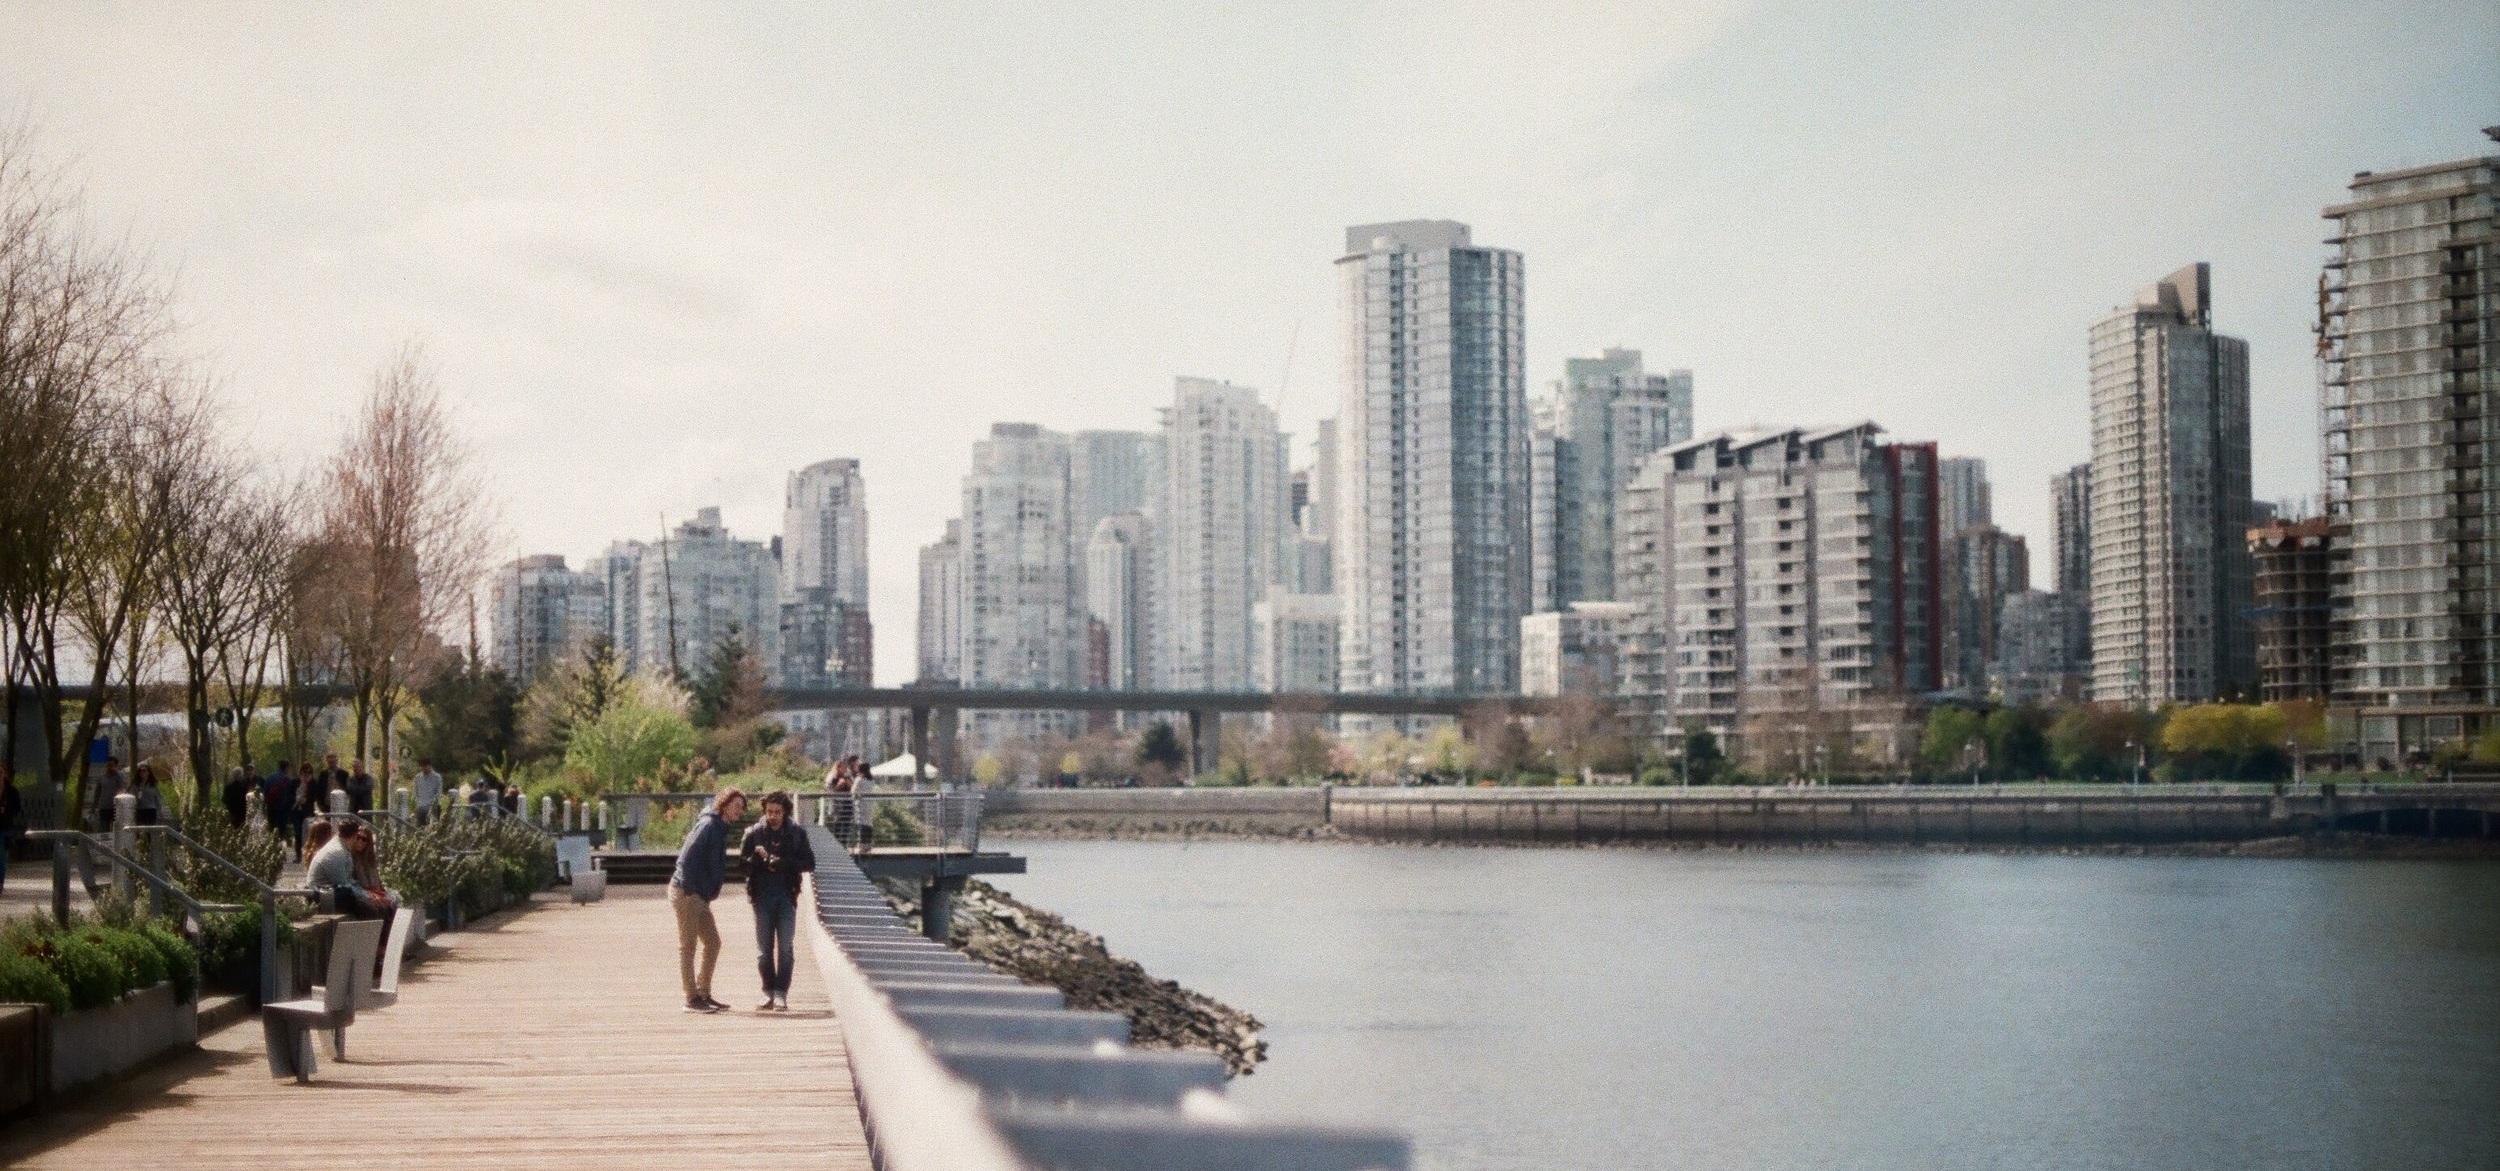 DAG 3 LEDIG DAG - På den tredje dagen på din resa till Vancouver är schemat helt tomt och du får på egen hand njuta av staden. En promenad runt Stanley Park eller en liten utflykt kanske är på sin plats. Fina platser runt om staden är Squamish, Vancouver Island och skidorten Whistler.